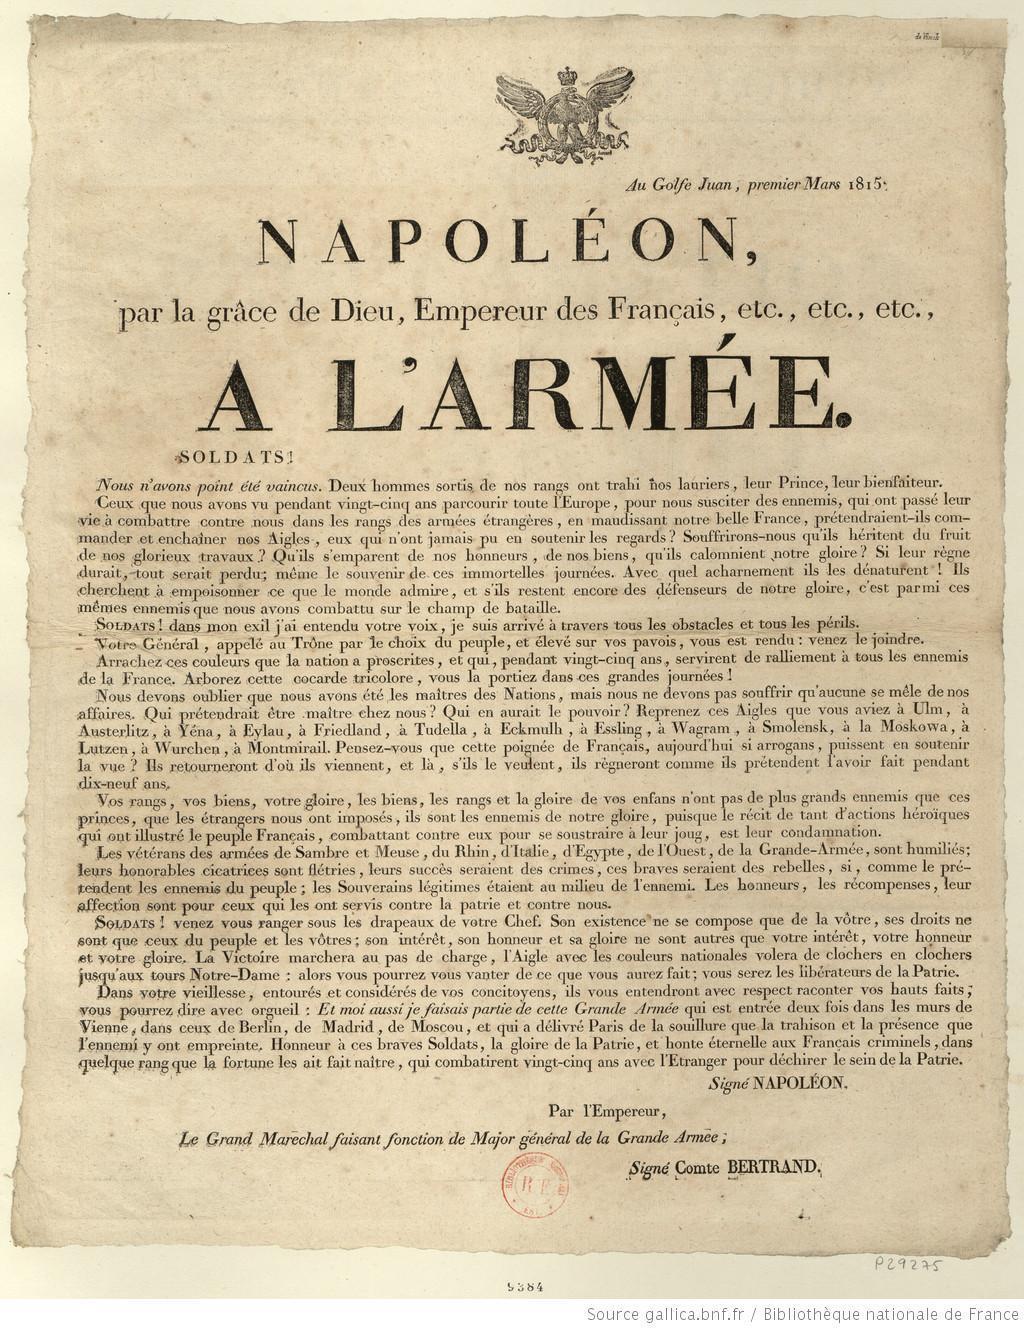 proclamation 1 March 1815.jpg